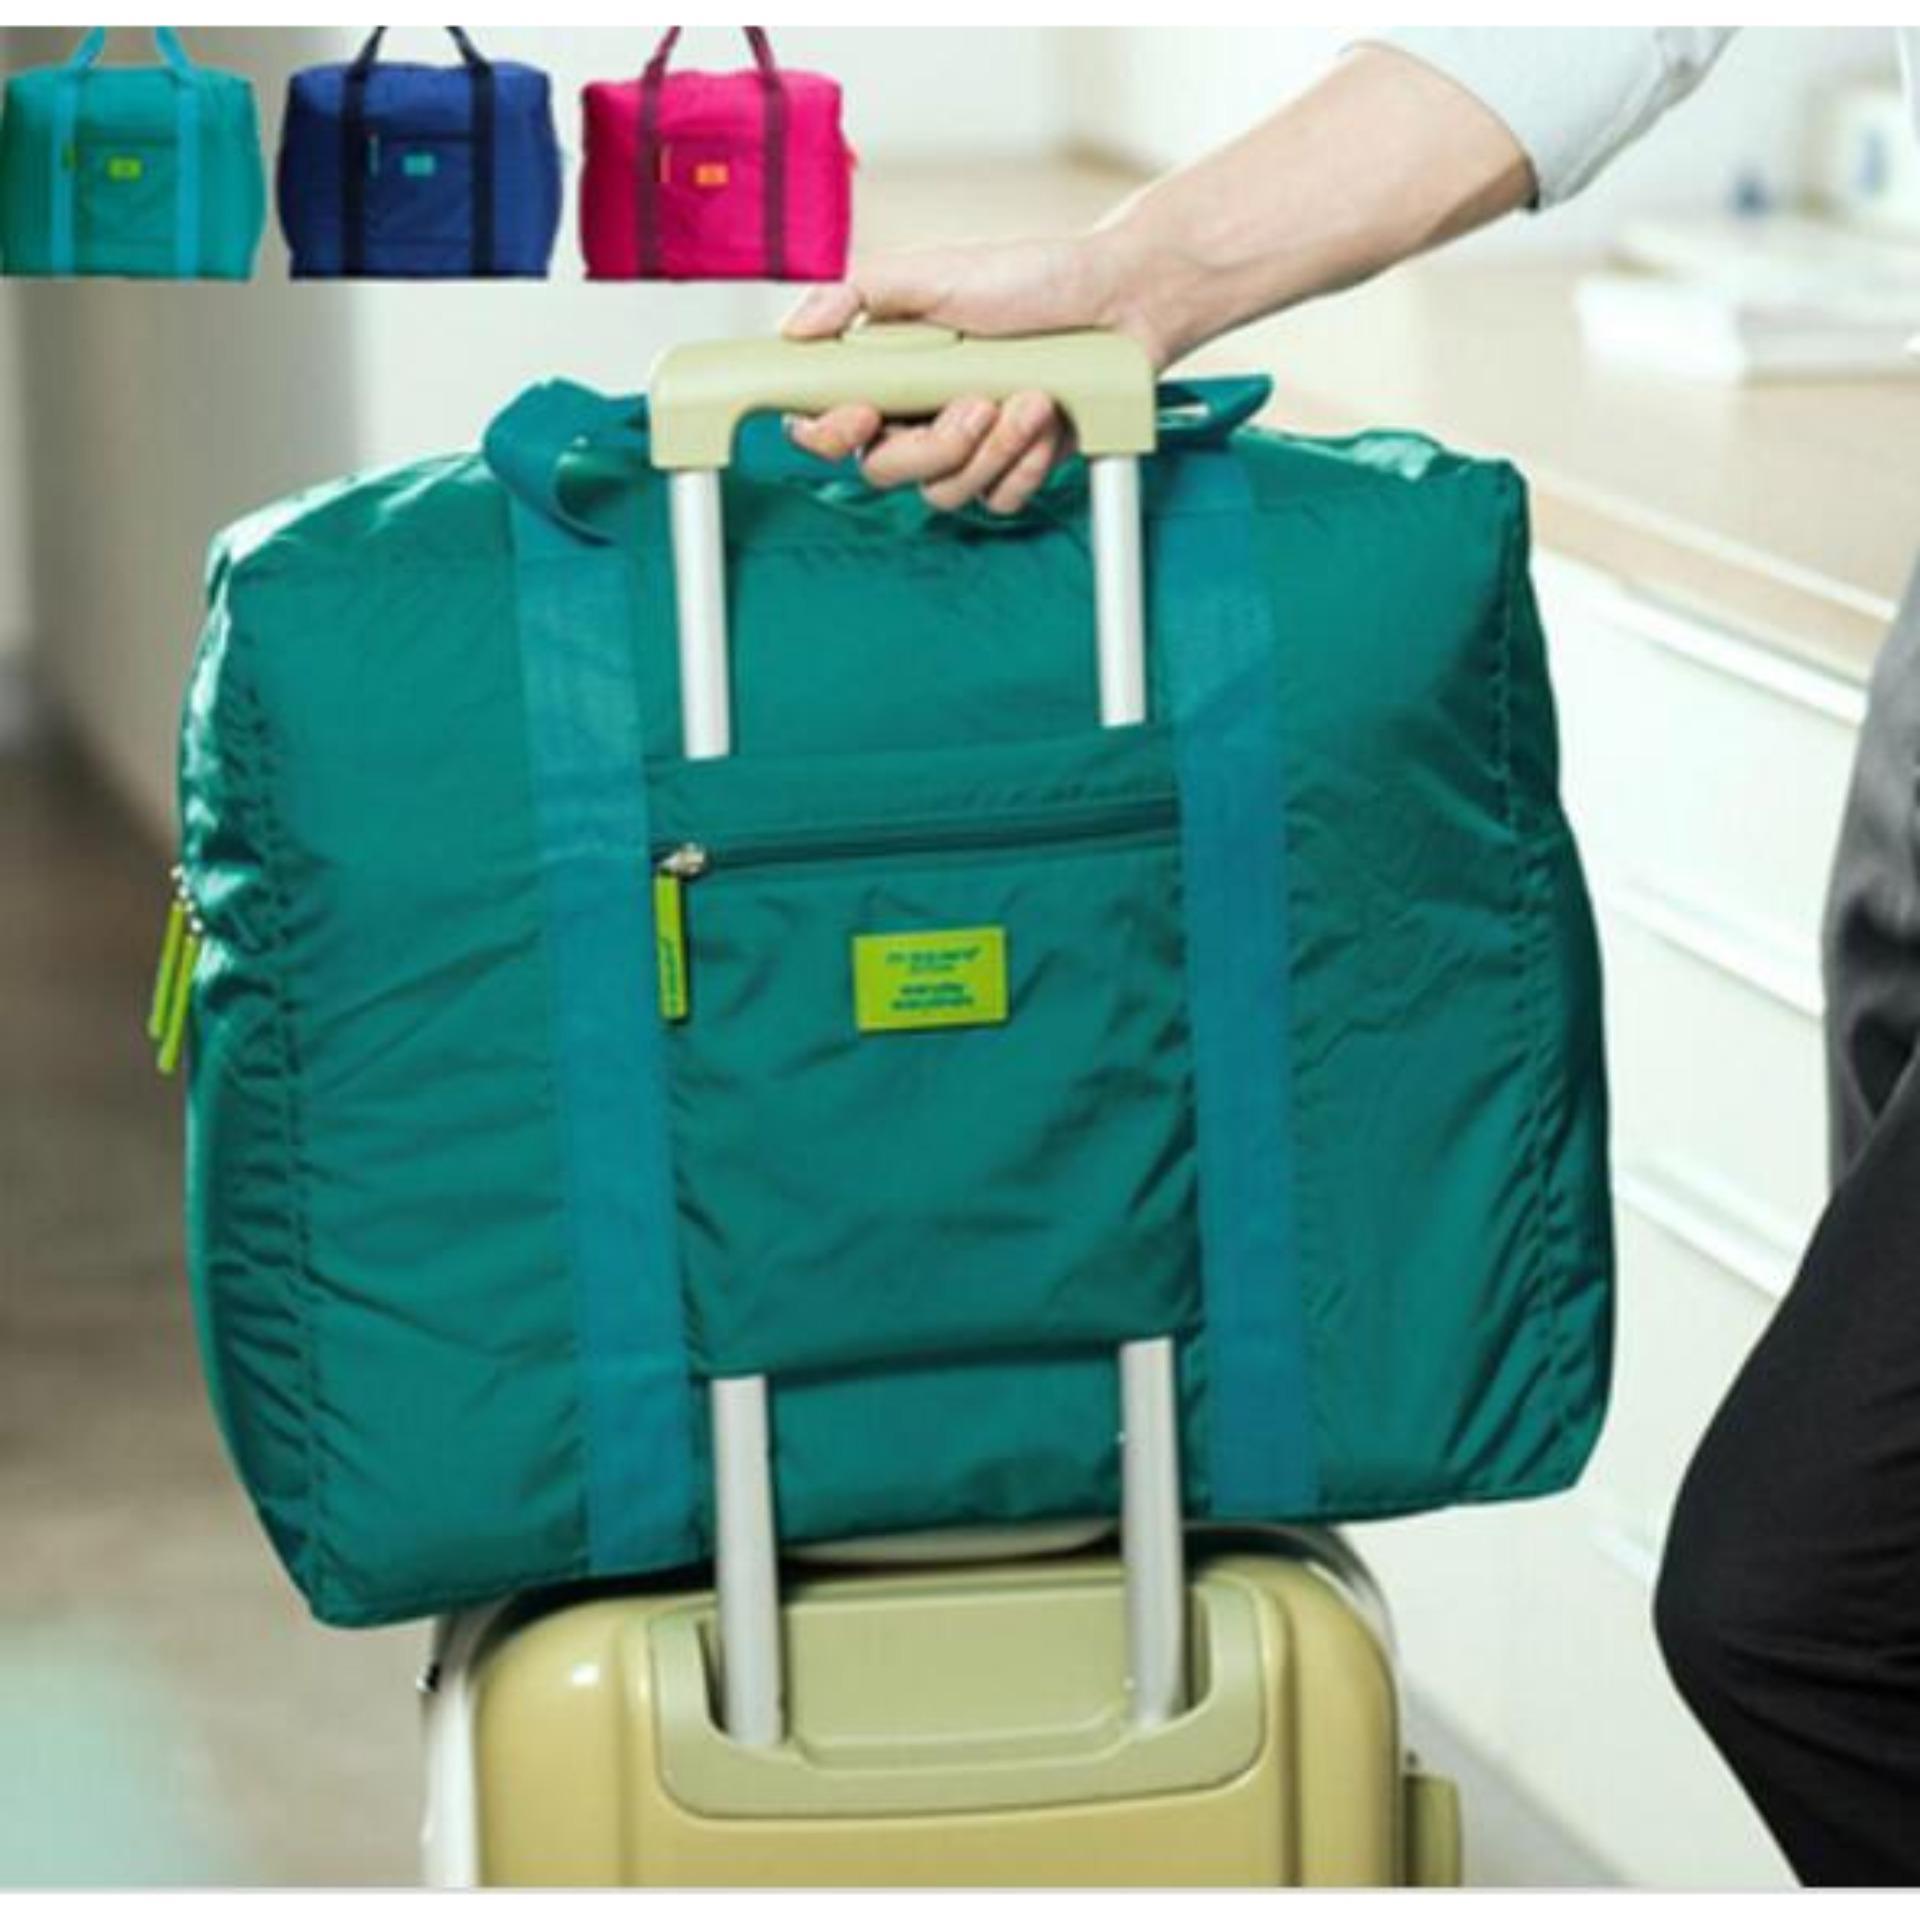 Spesifikasi Luggage Foldable Travel Bag Tas Koper Lipat Beserta Harganya